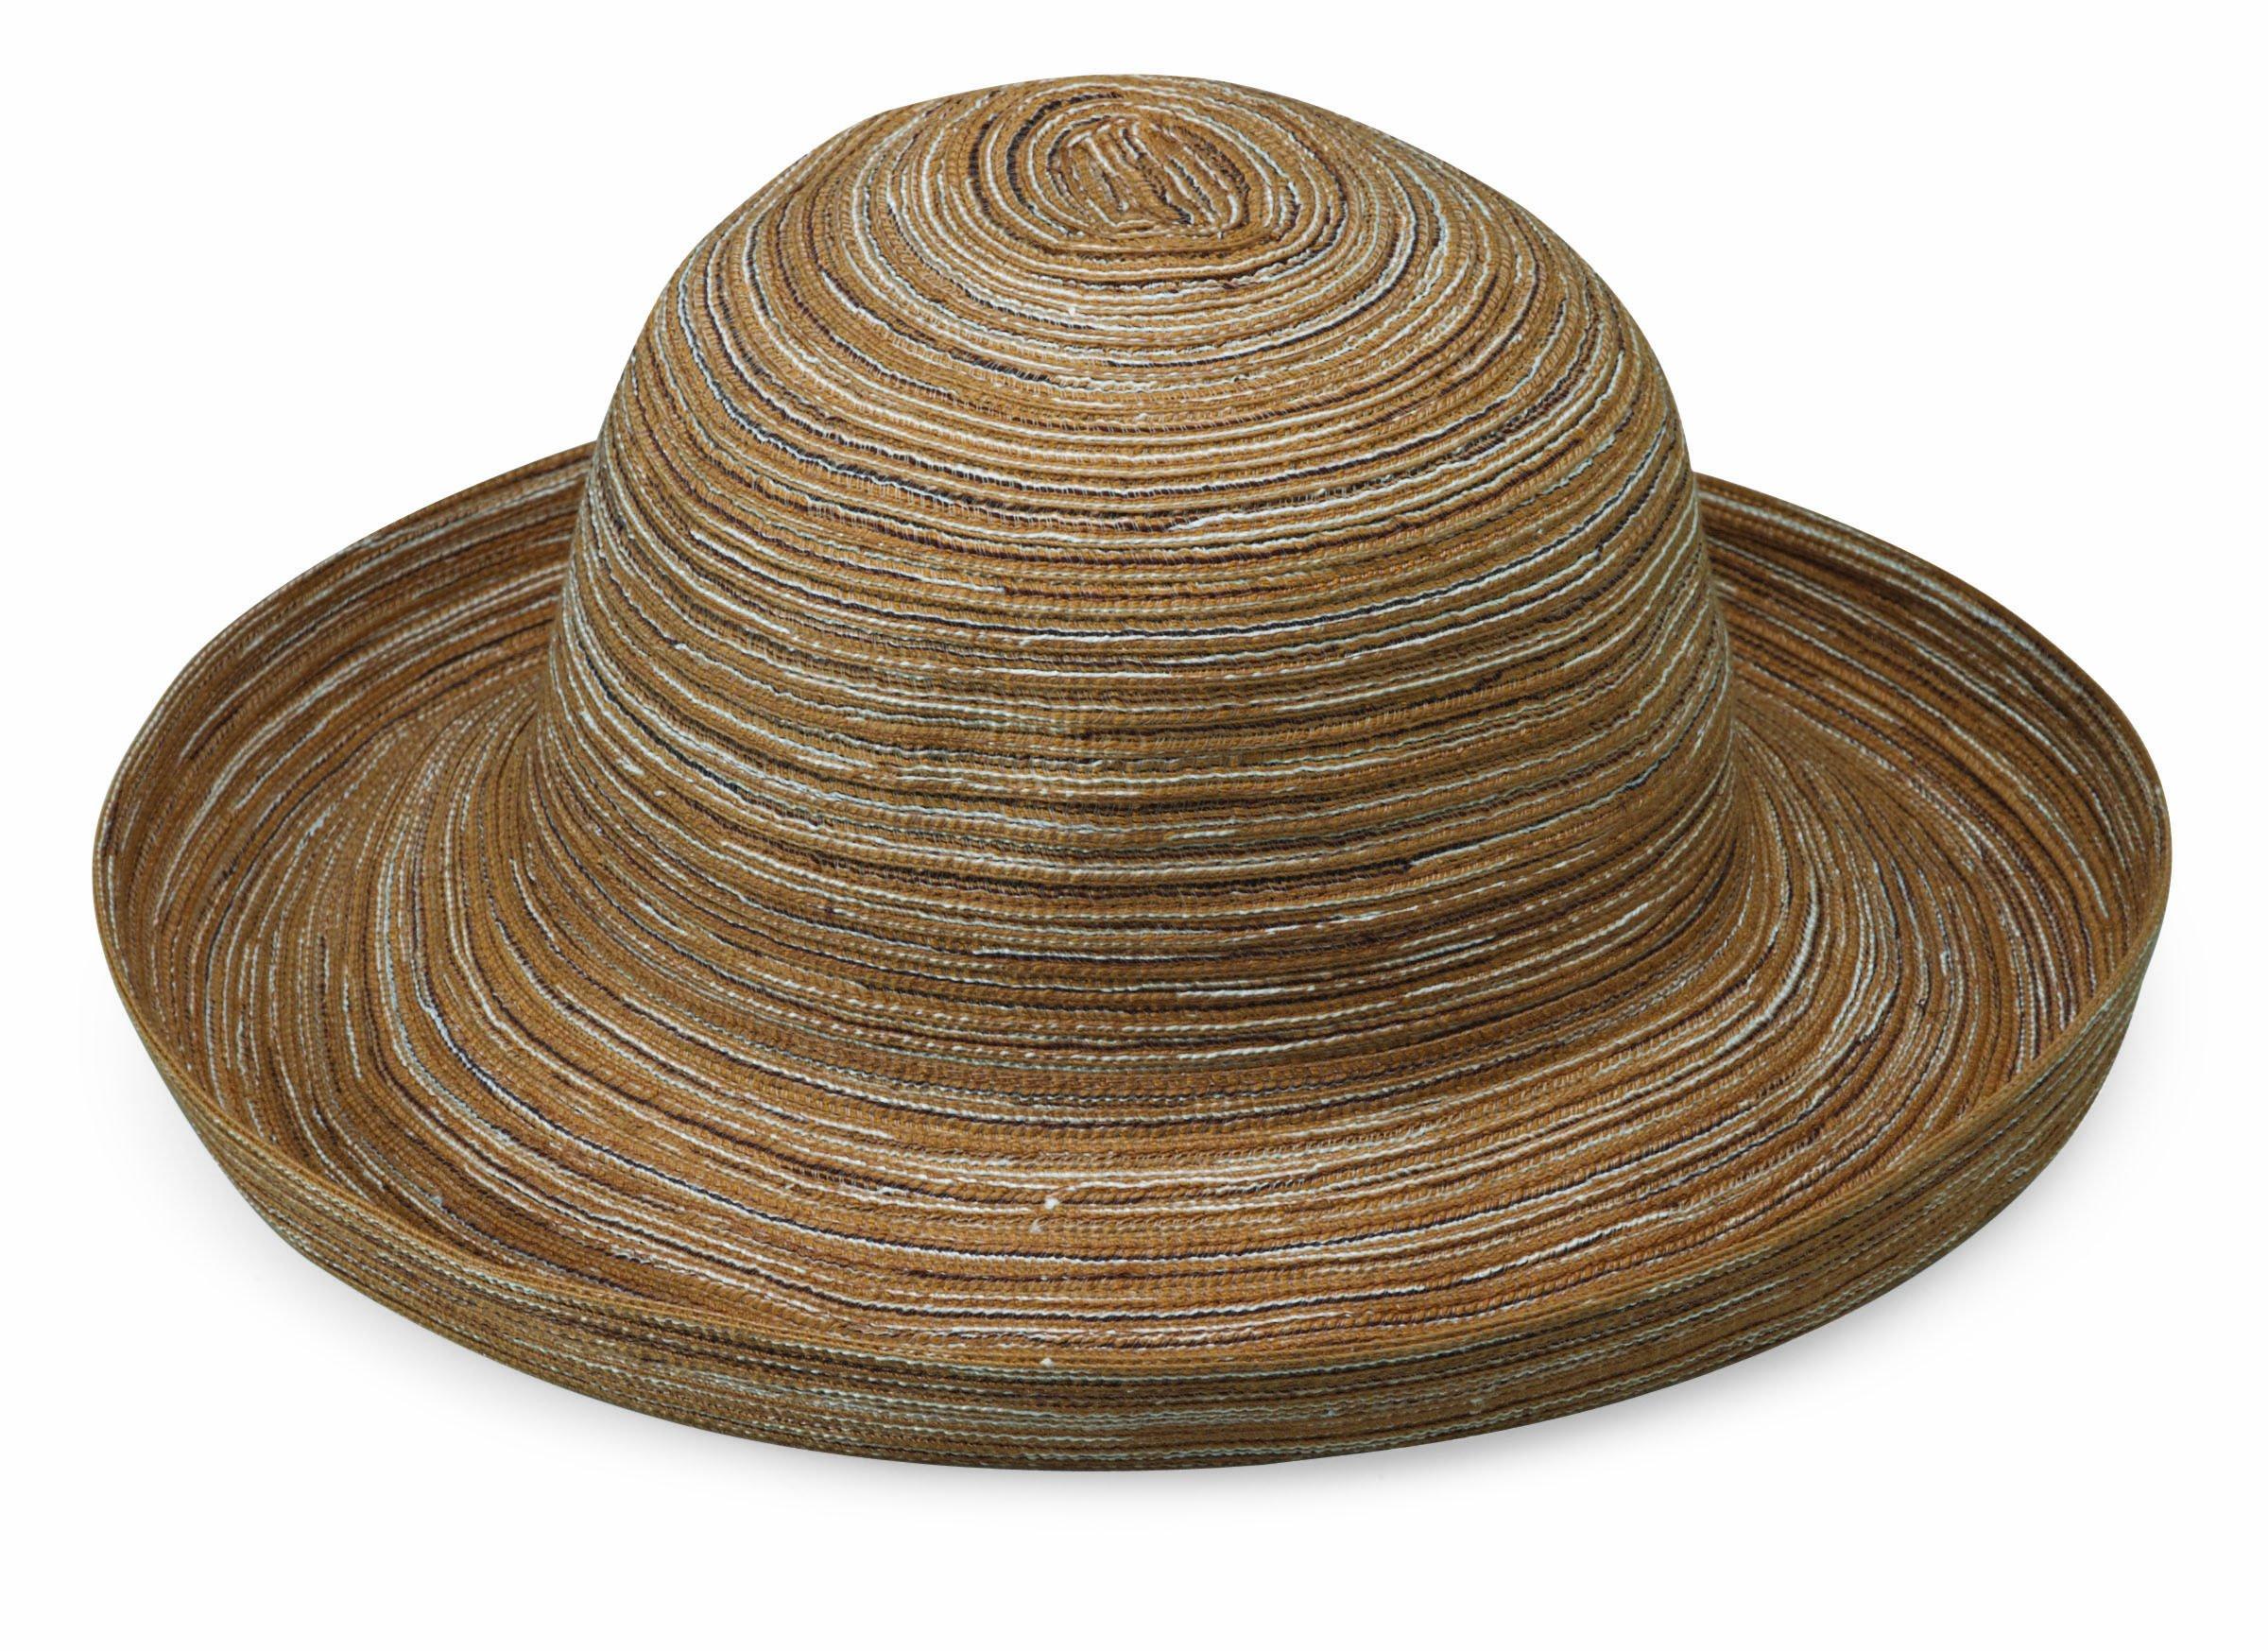 Wallaroo Hat Company Women's Sydney Sun Hat – Lightweight, Packable, Modern Style, Designed in Australia, Camel